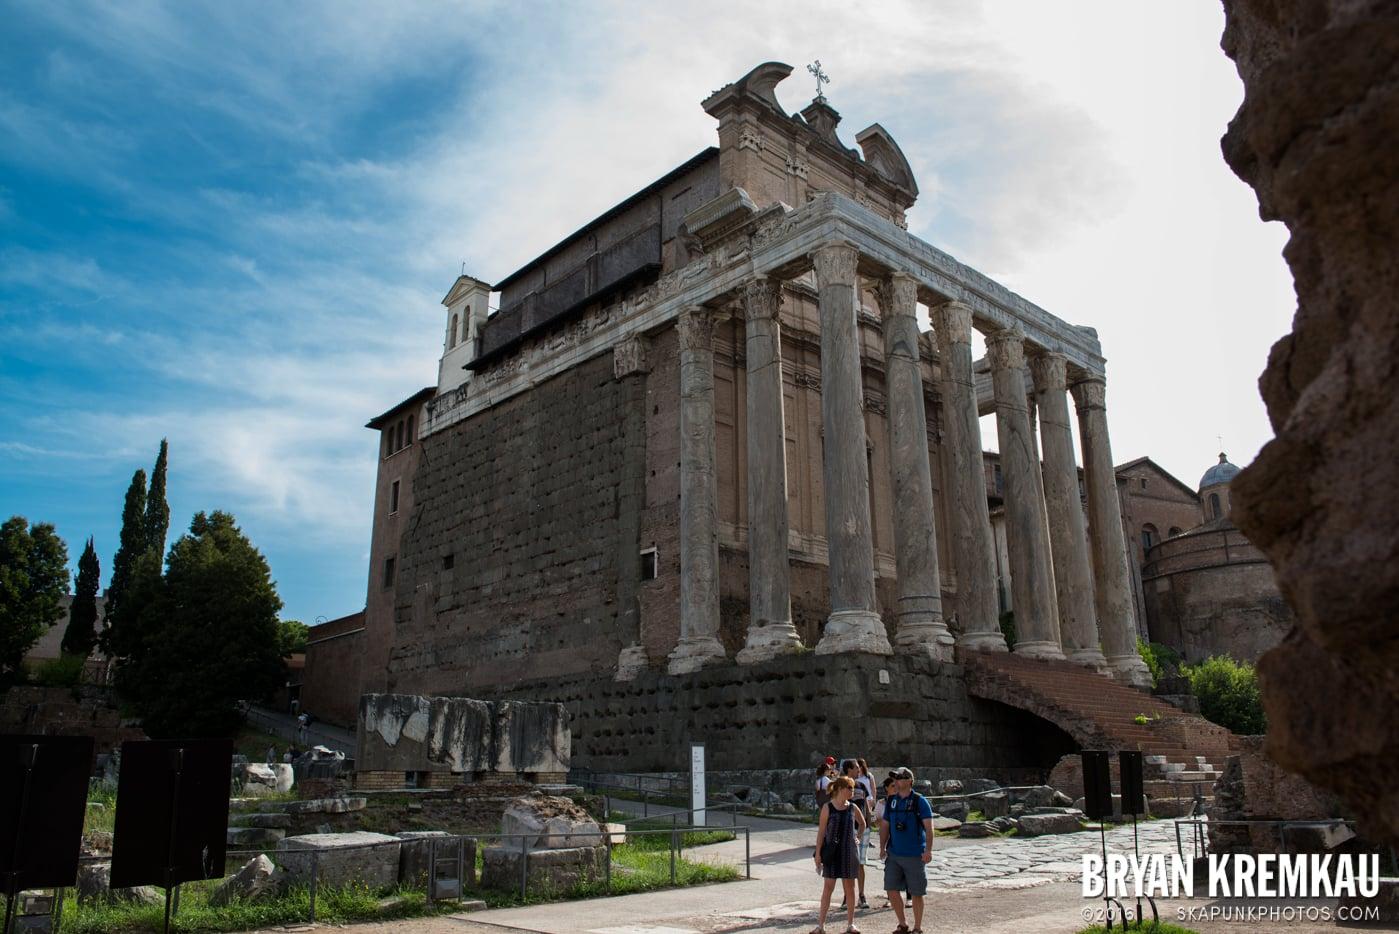 Italy Vacation - Day 2: Rome - 9.10.13 (118)